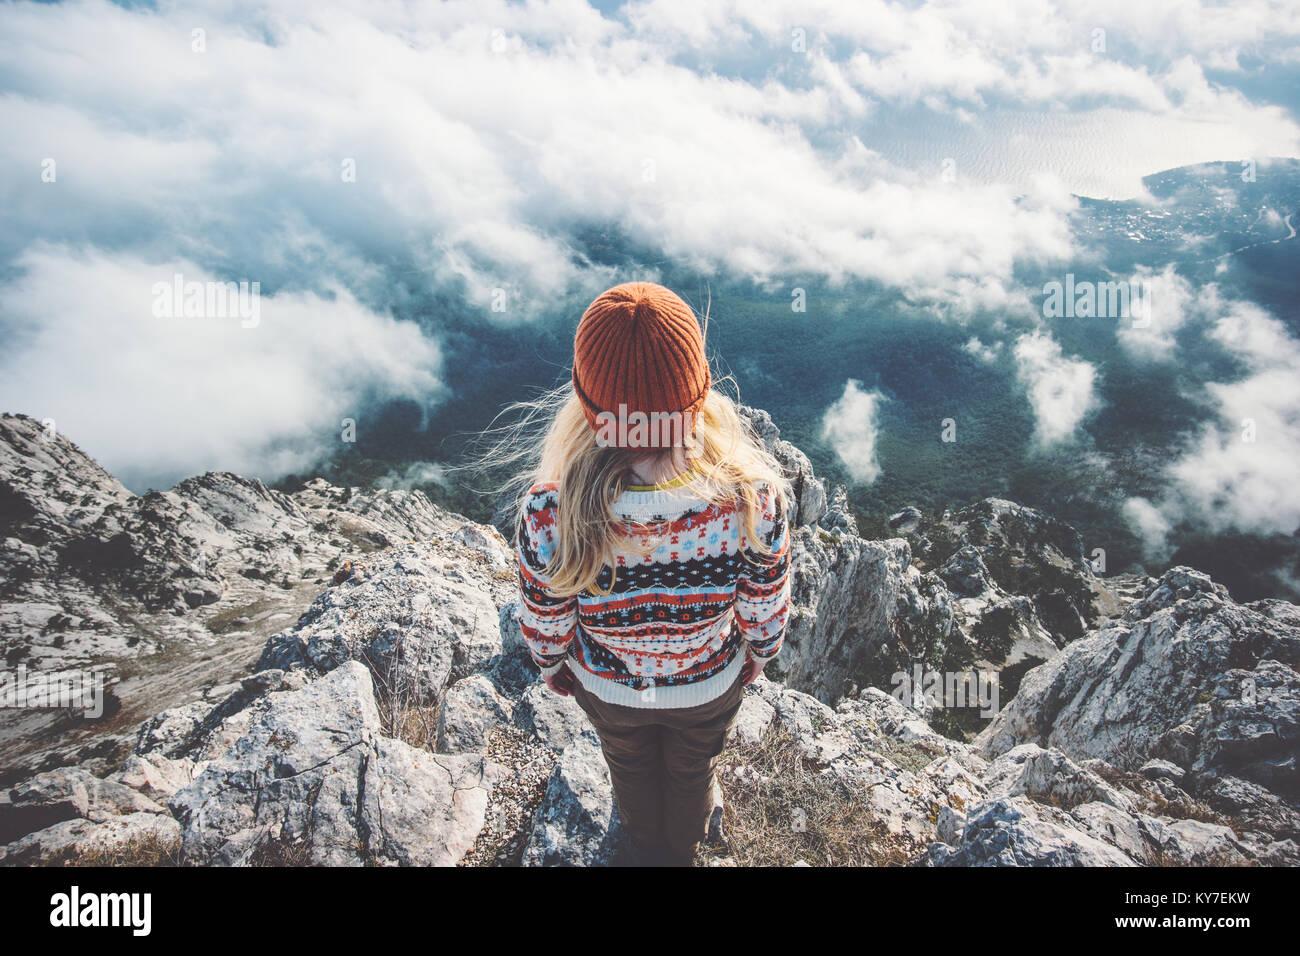 Mujer viajero en la montaña cumbre sobre nubes viajan Lifestyle éxito concepto de aventura al aire libre Imagen De Stock